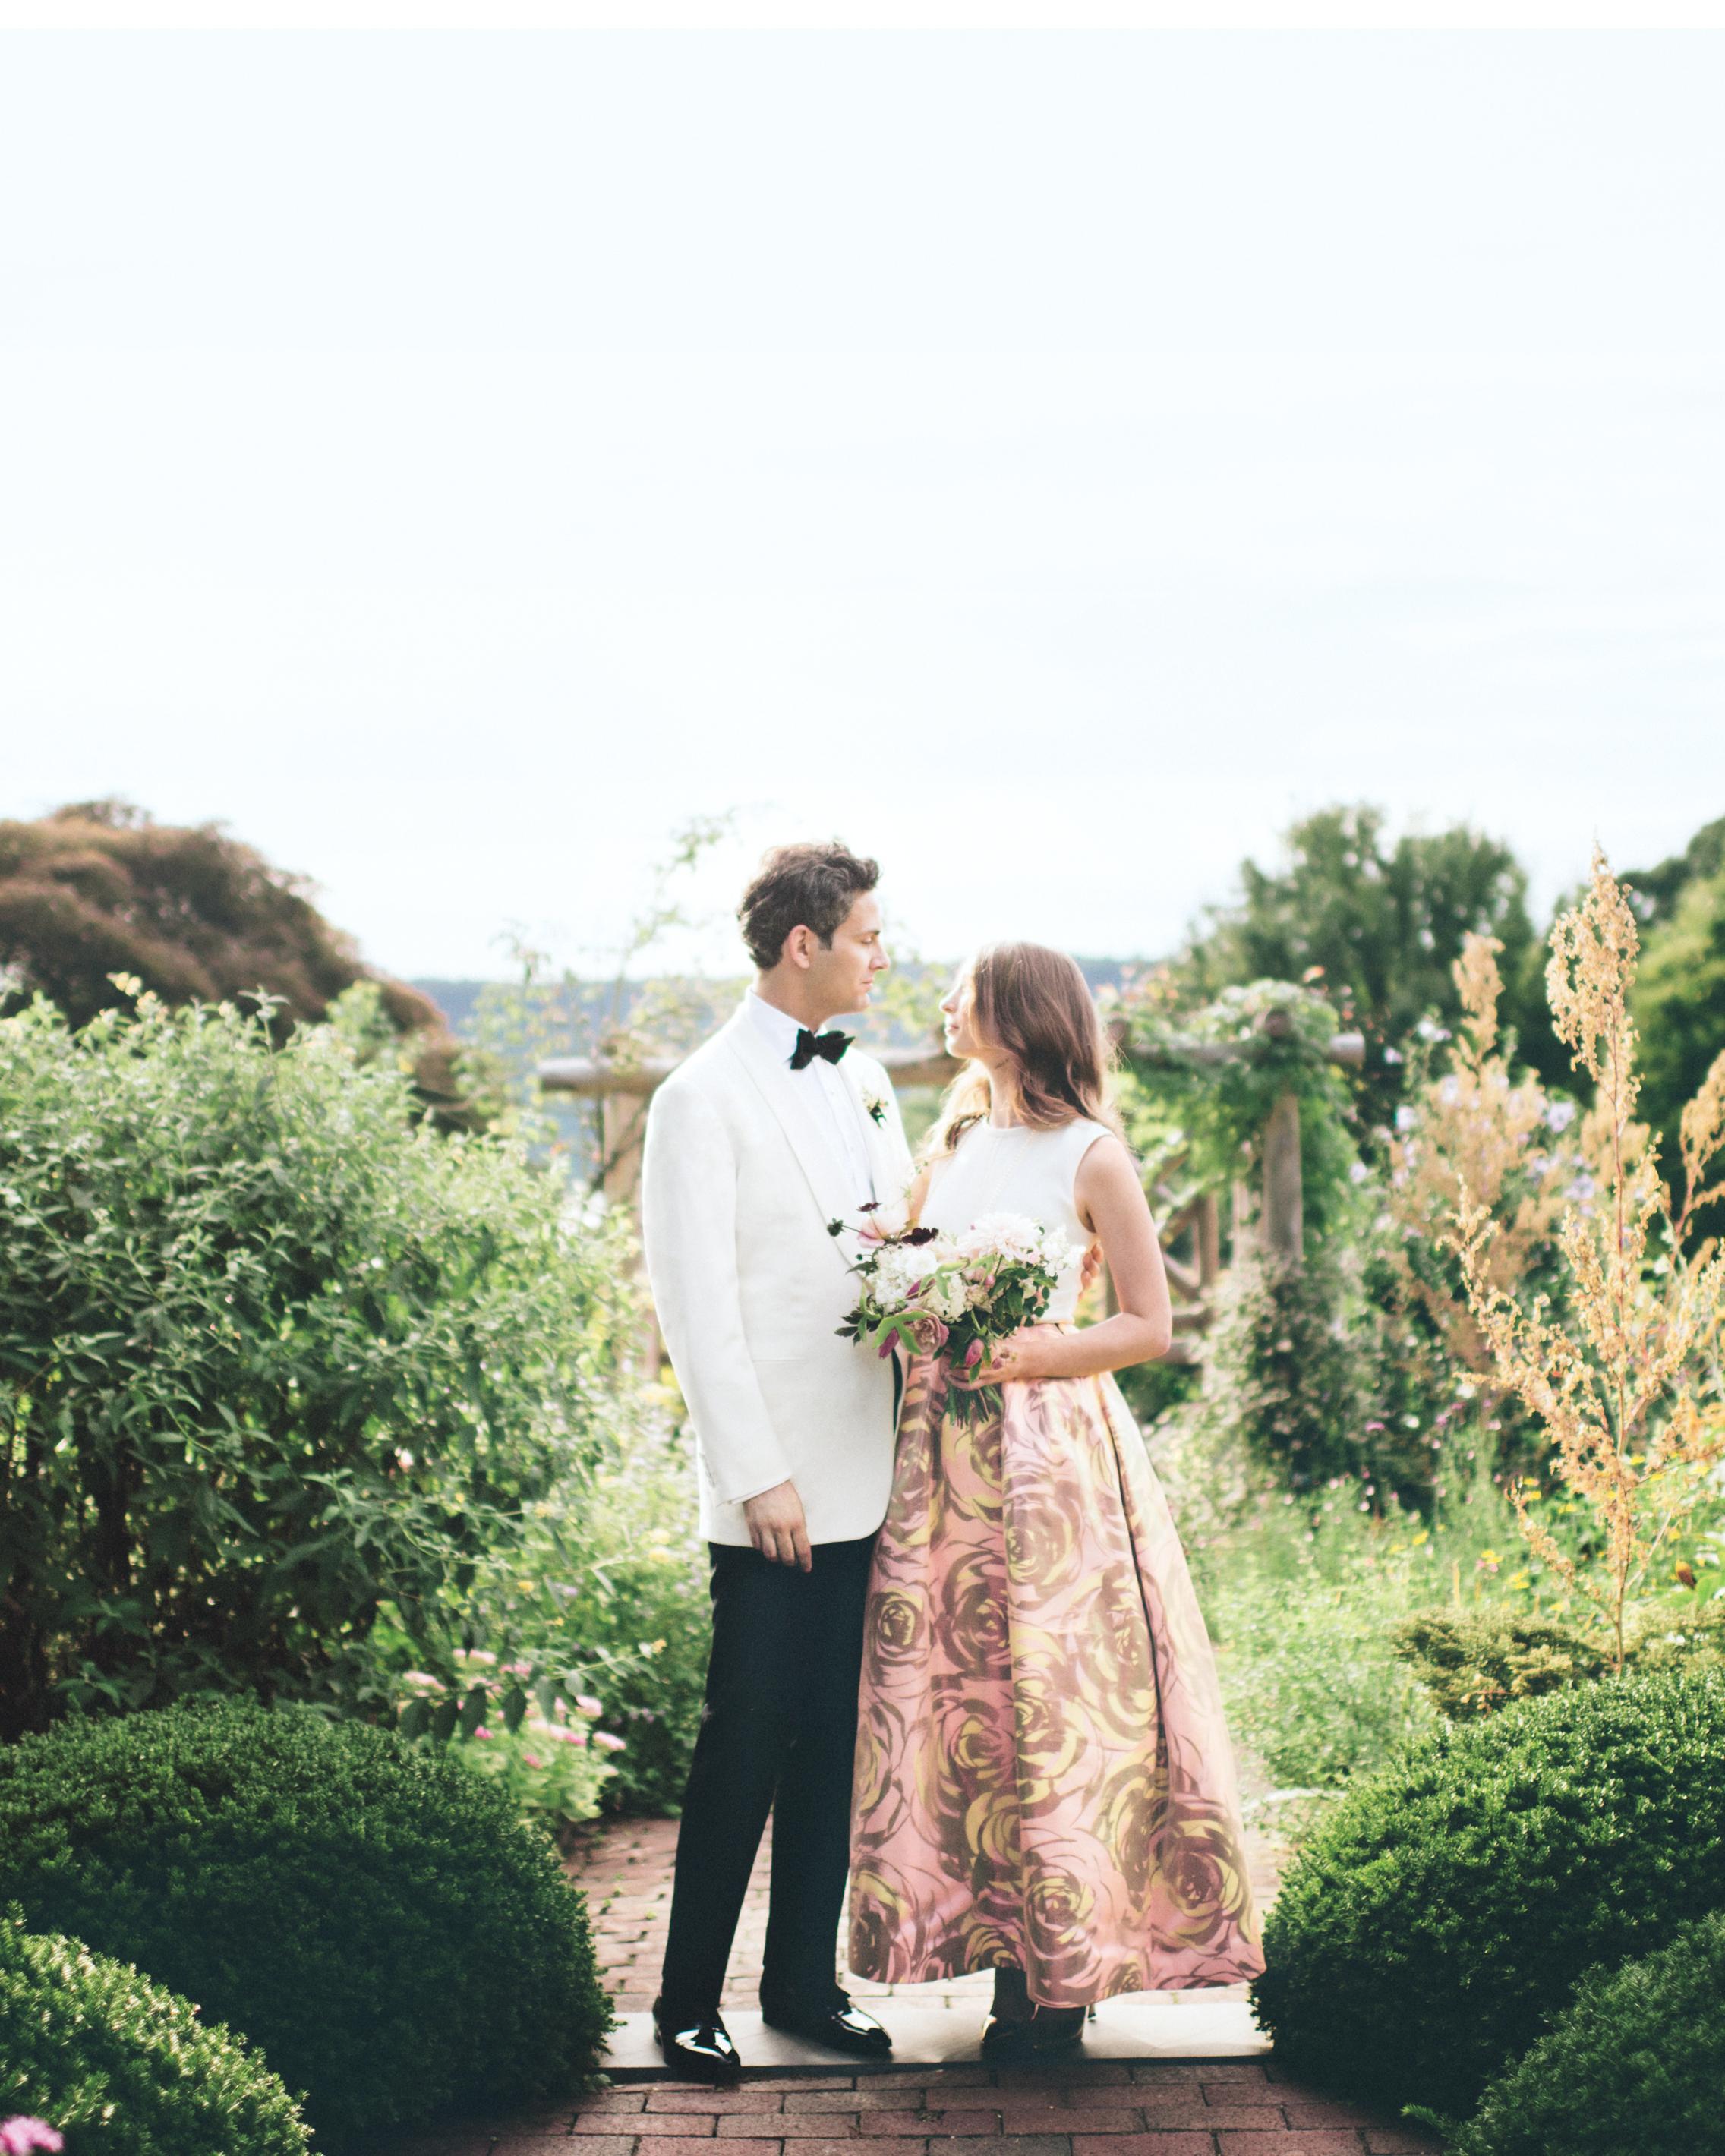 bride-groom-emily-marco-296-mwds110872.jpg